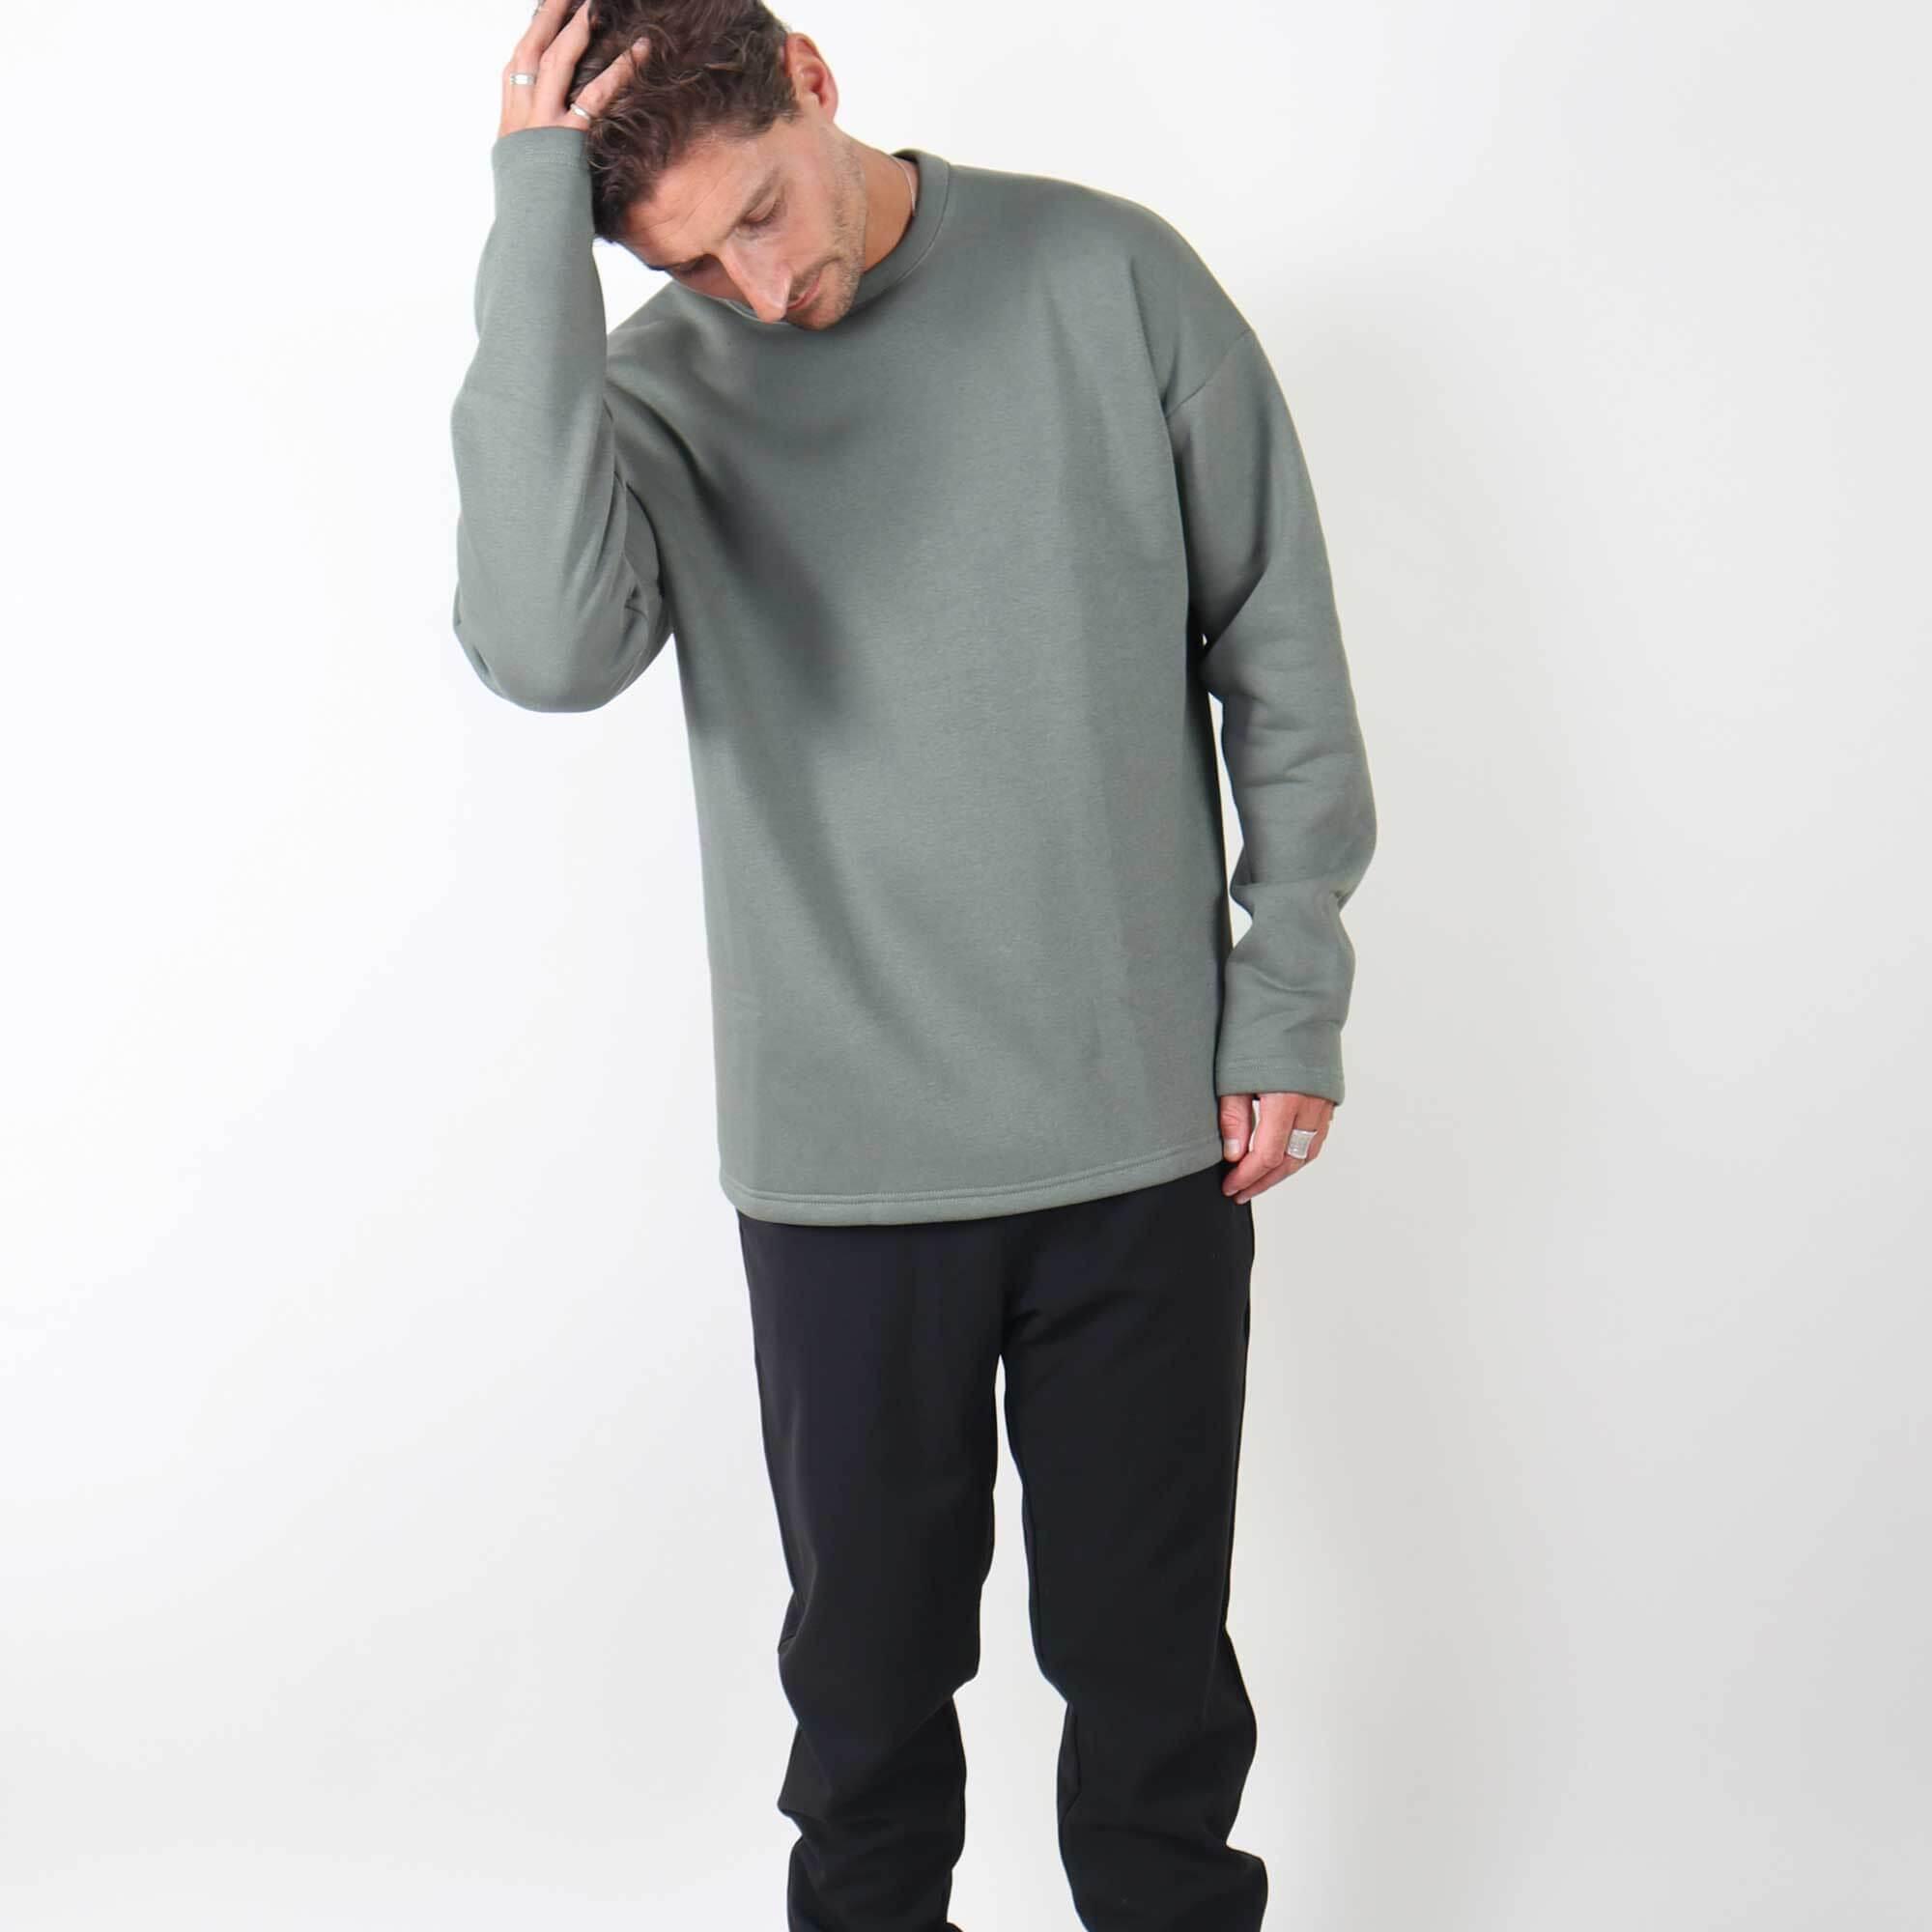 sweater-groen-3